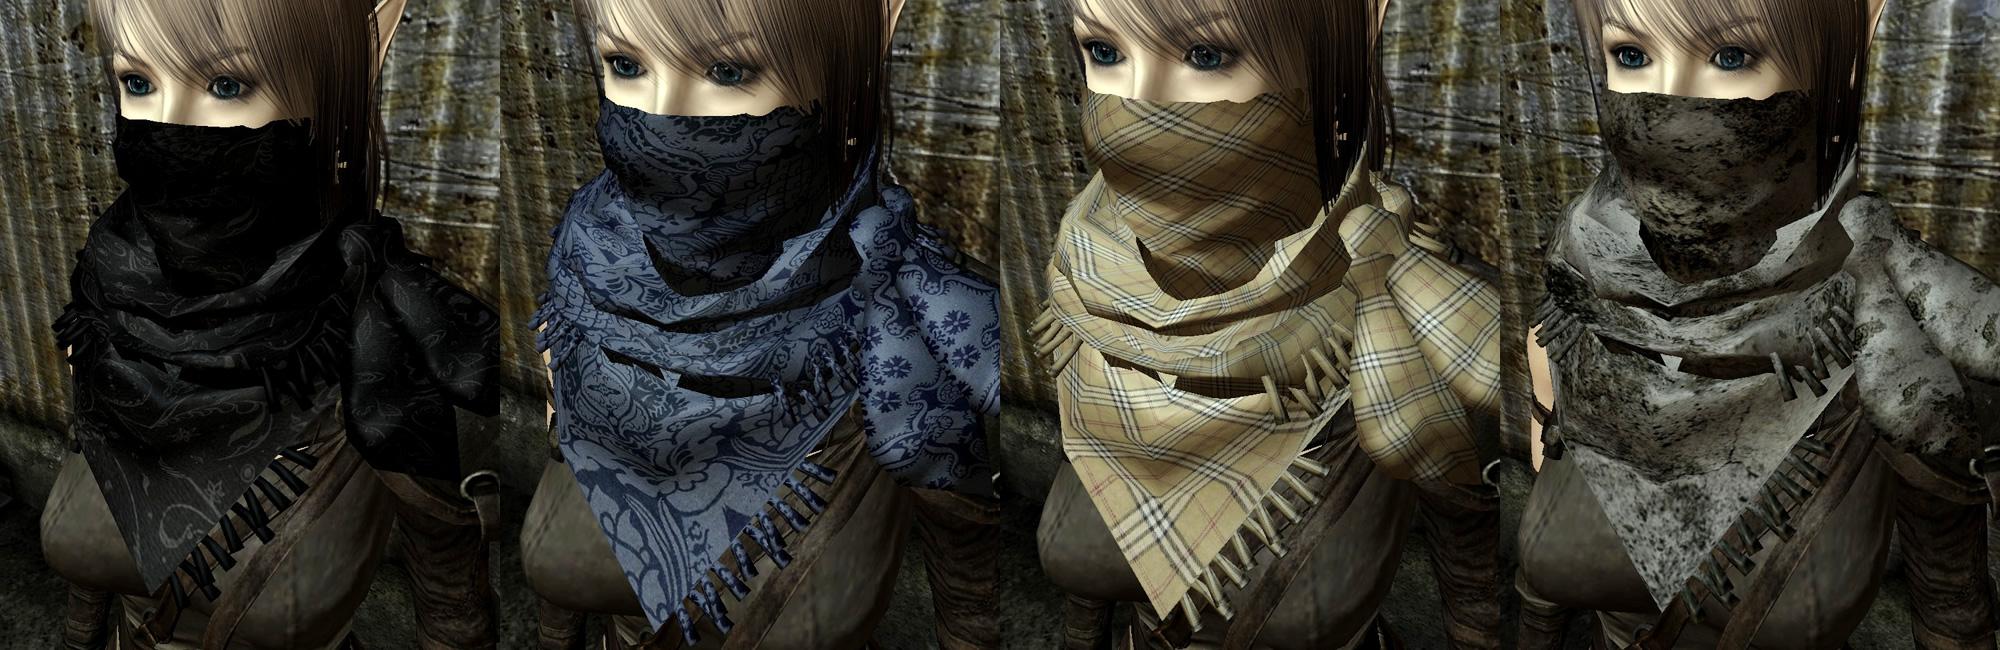 Pimp-my-scarf2